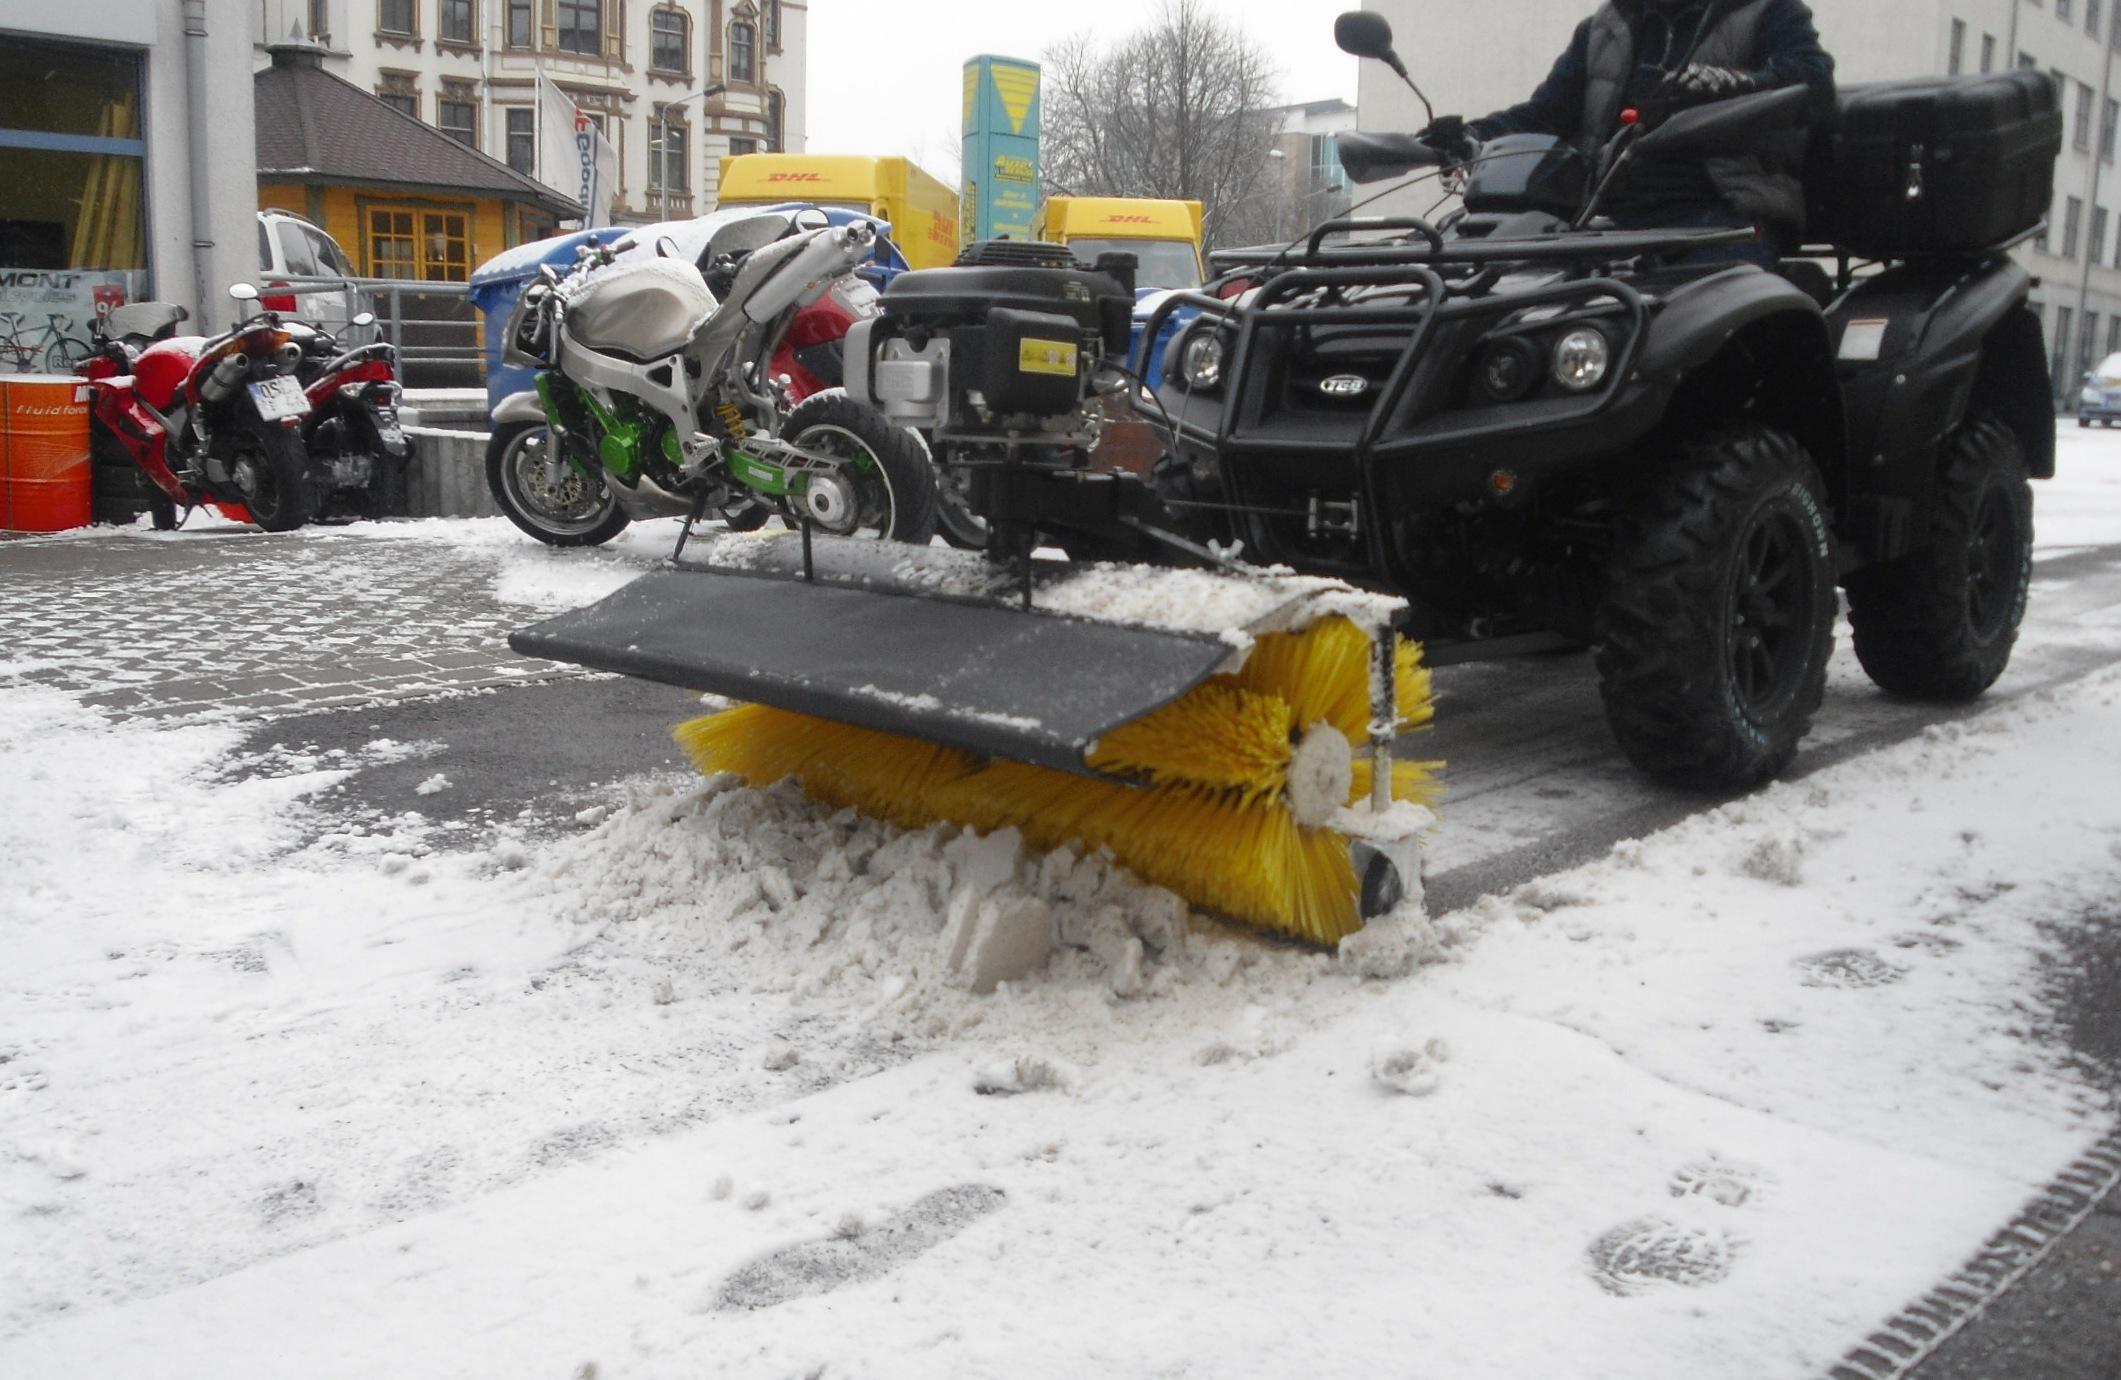 test quad s f r winterdienst ergebnis sehr gut honda motorradhaus schwan magdeburg sachsen. Black Bedroom Furniture Sets. Home Design Ideas